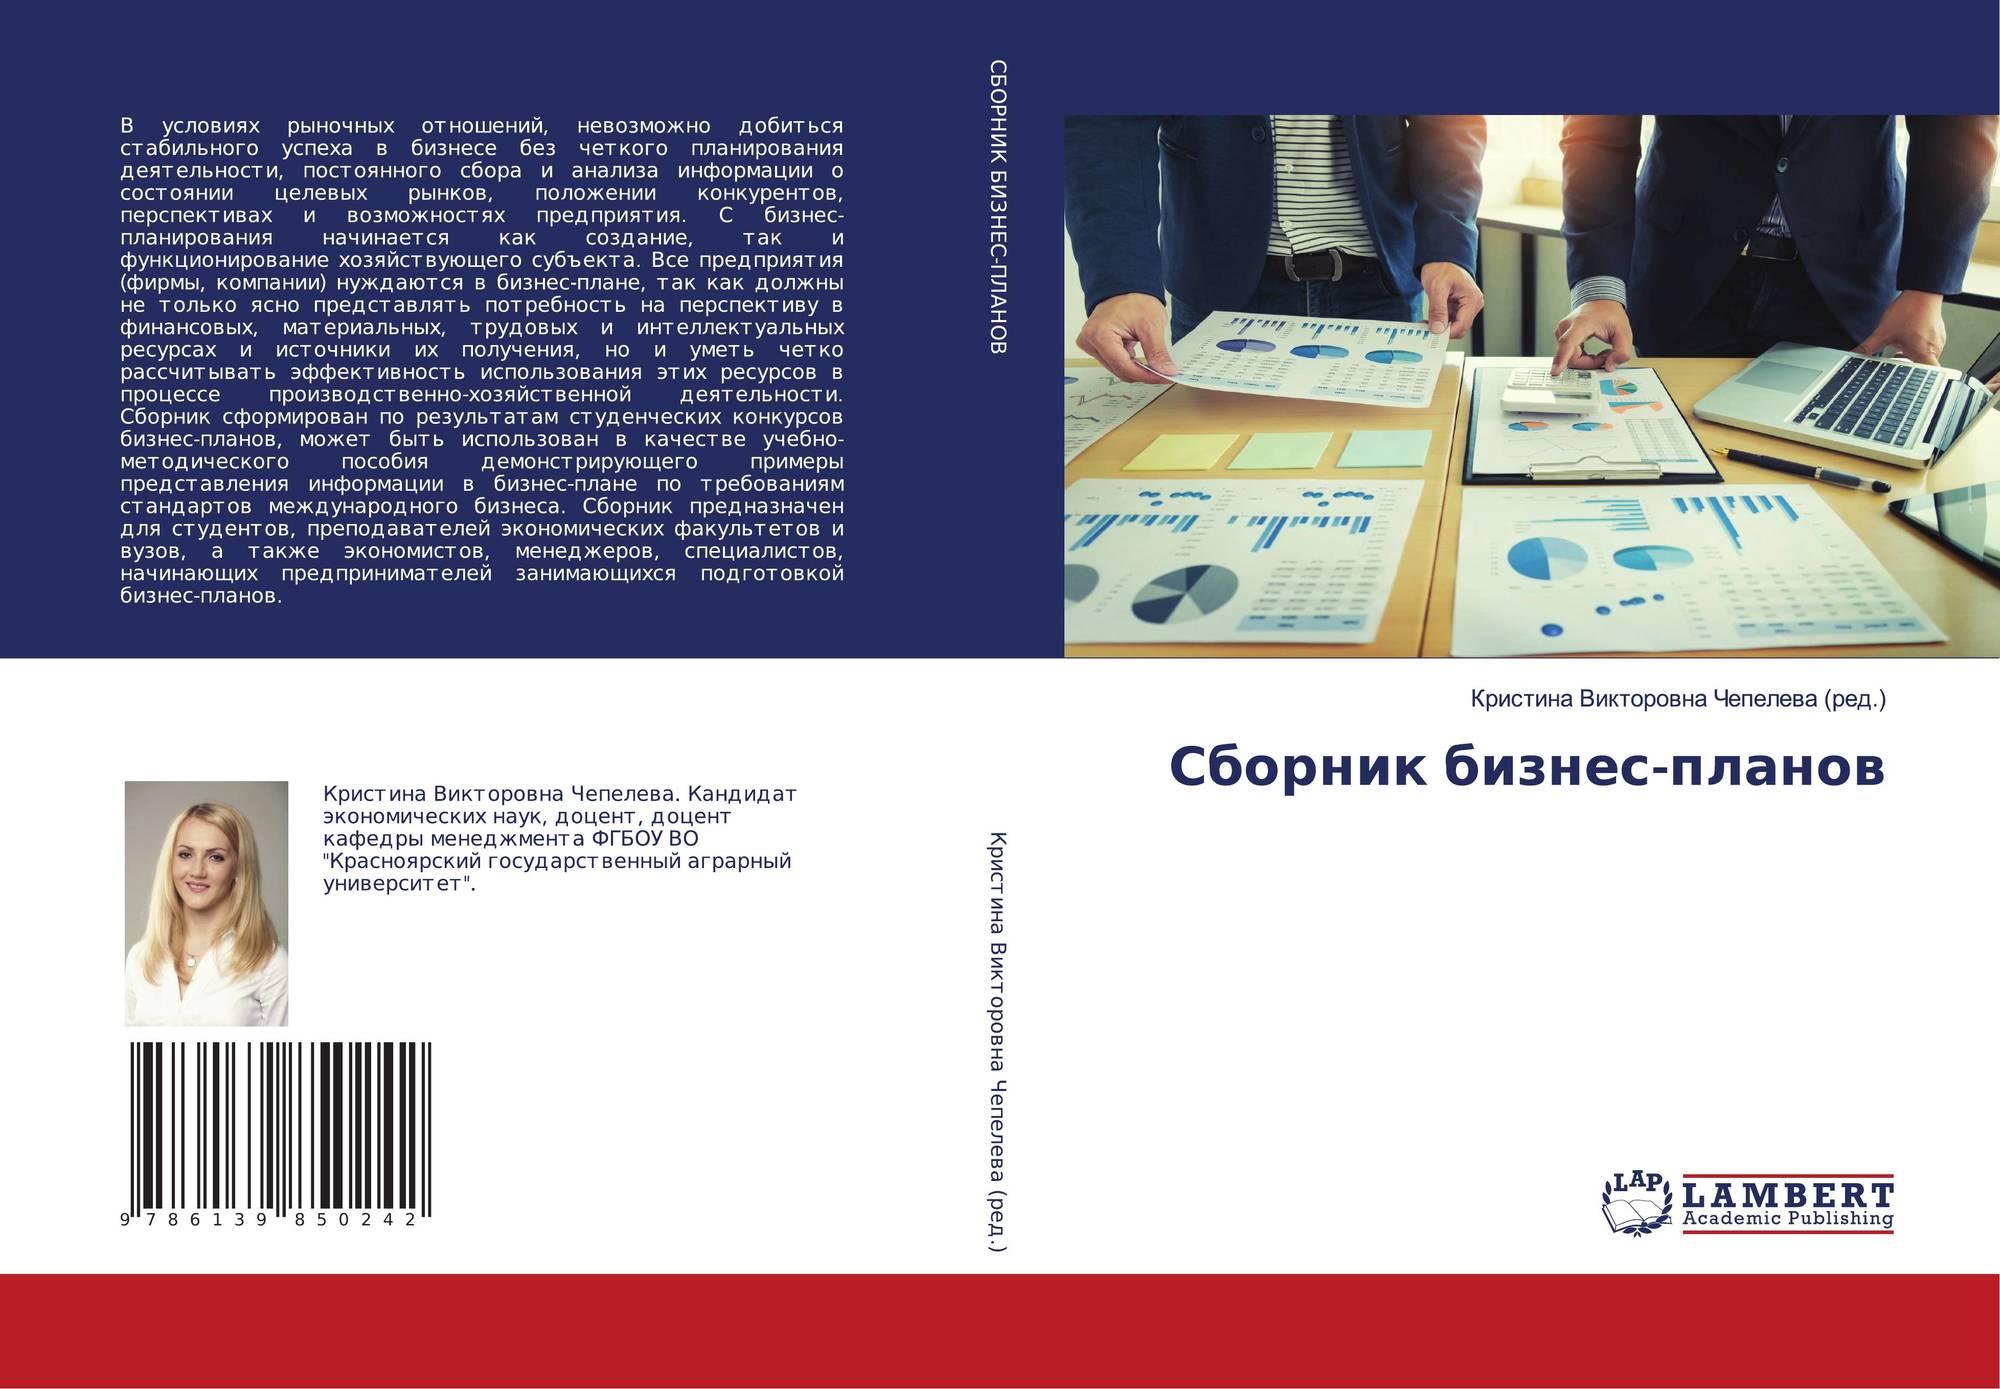 Сборник бизнеса планов идеи бизнес для беременных